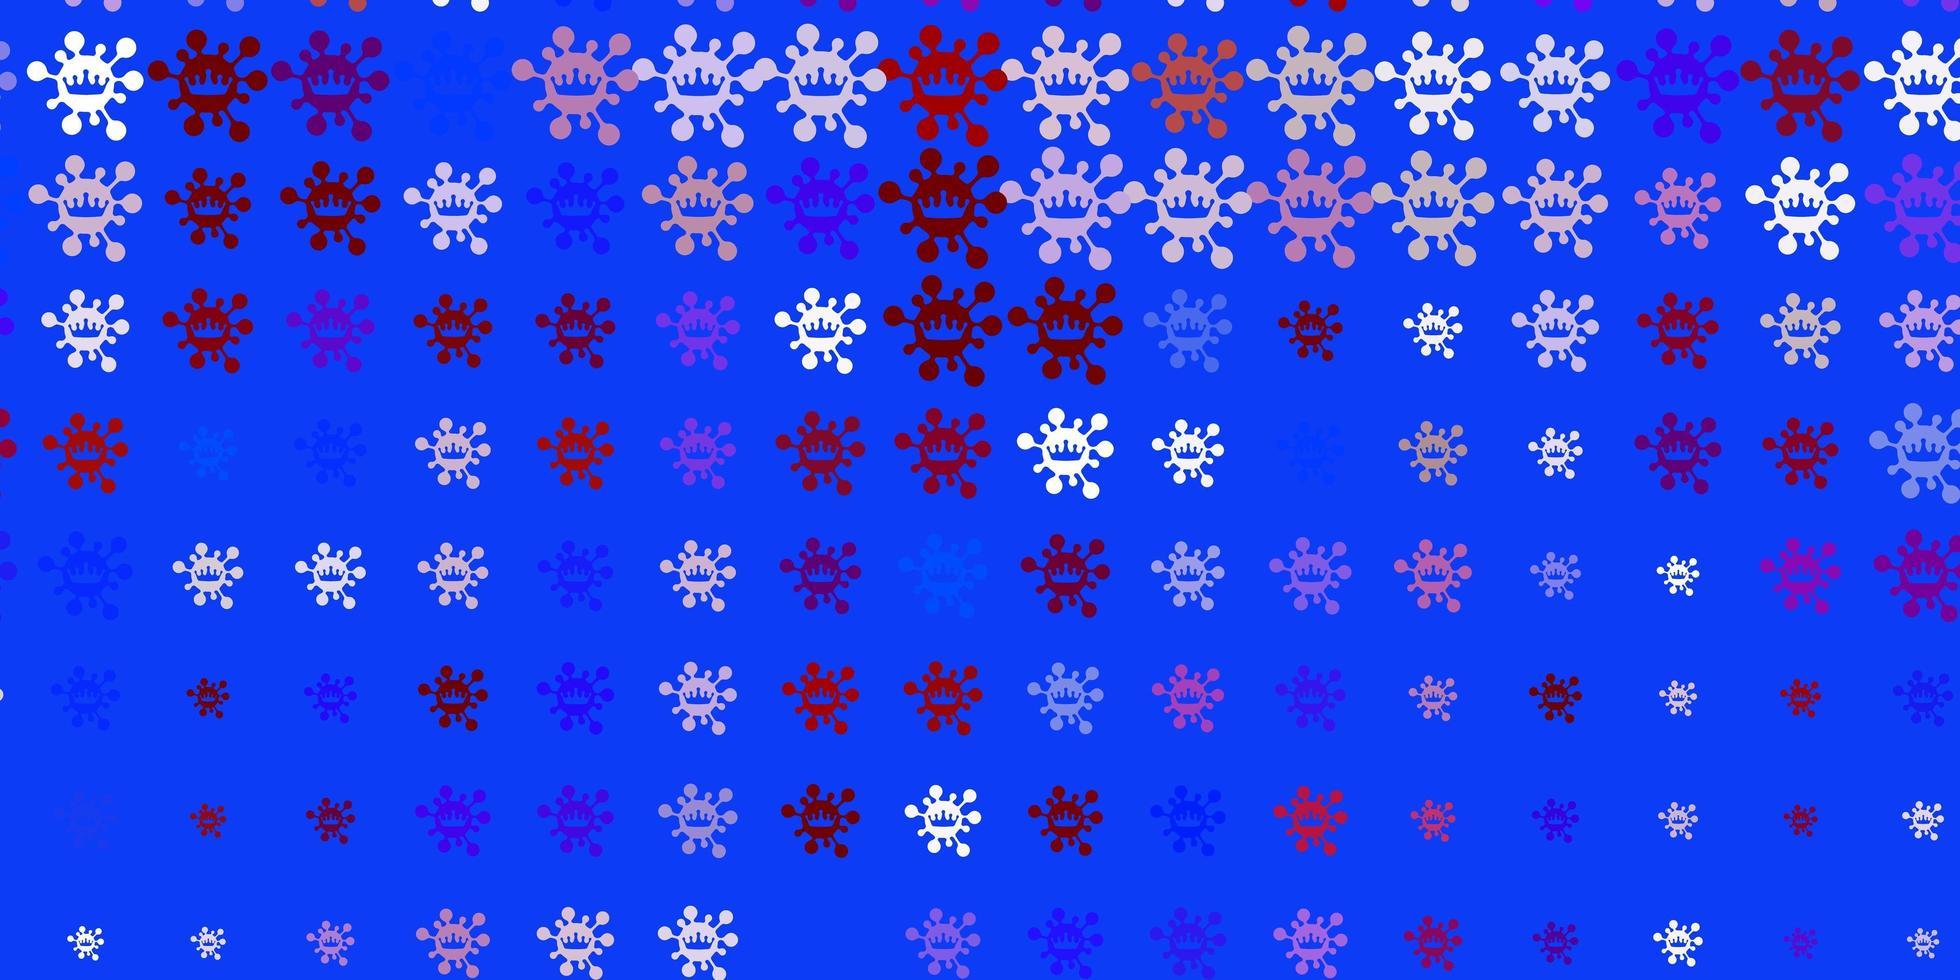 ljusblått, rött vektormönster med coronaviruselement vektor